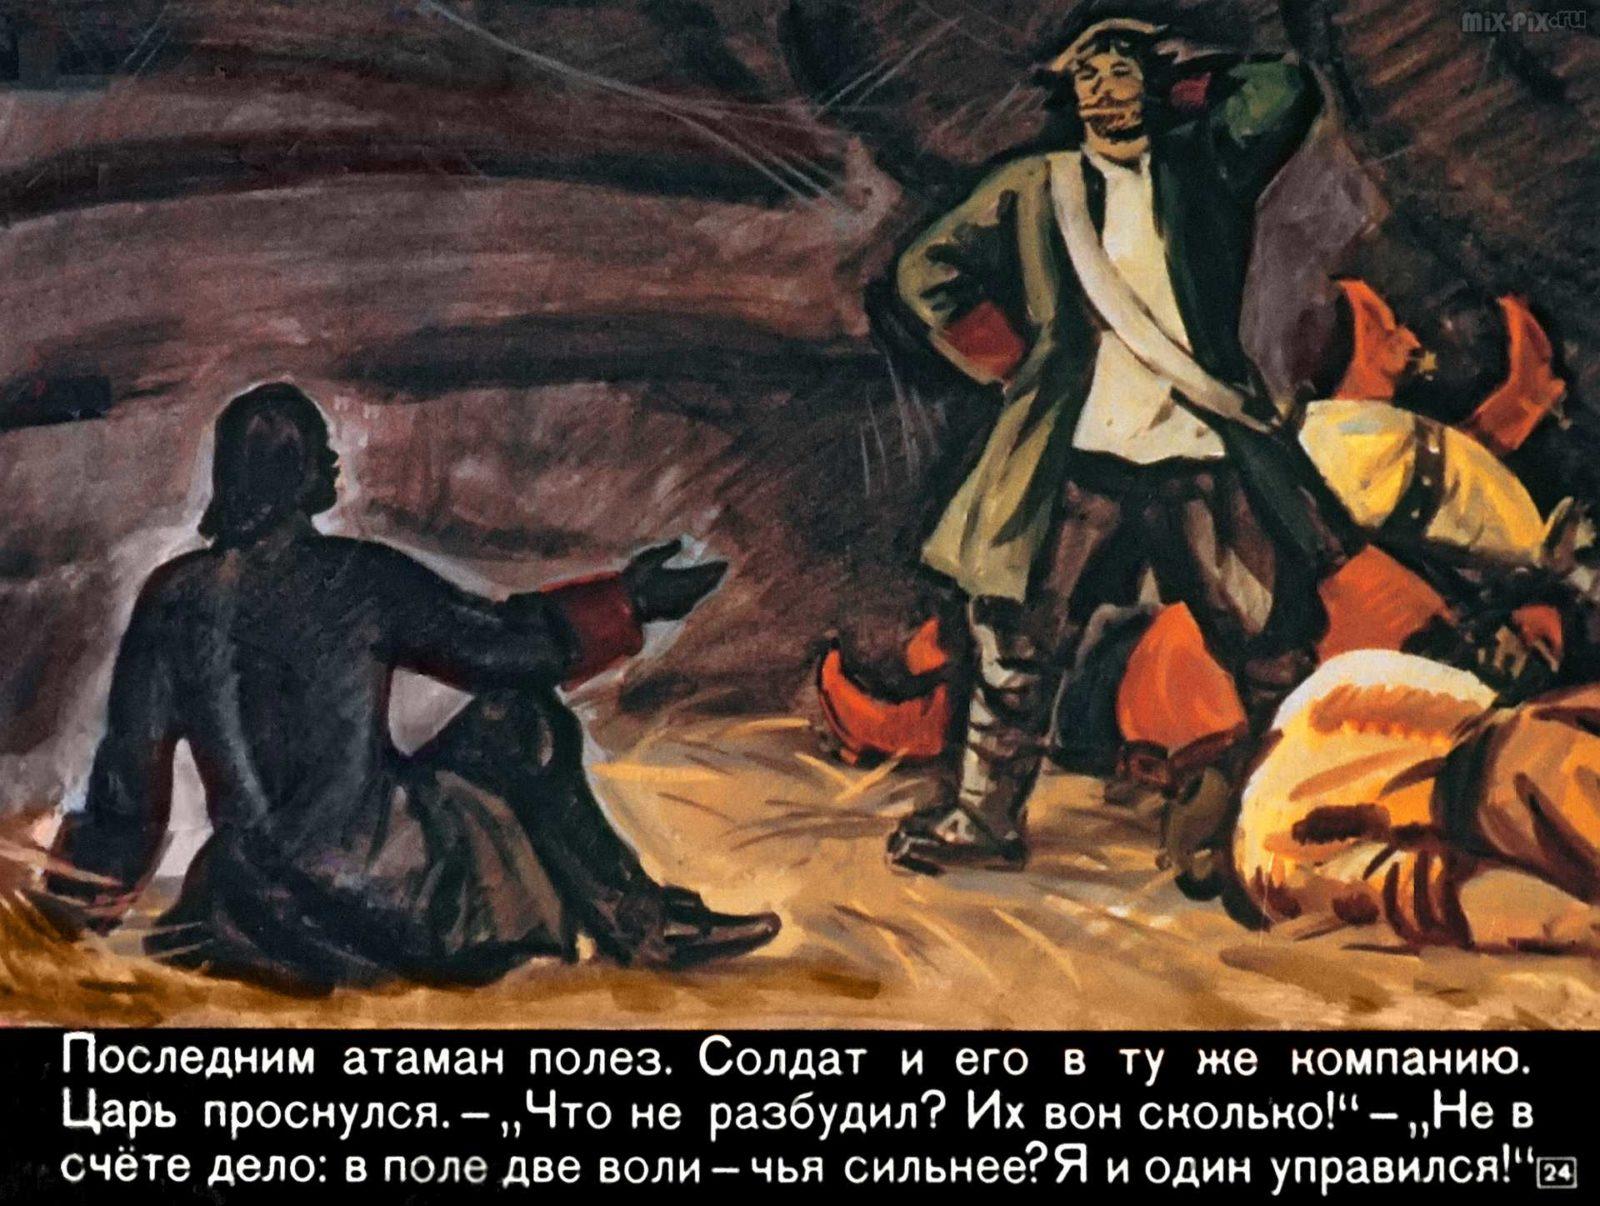 Сказка о бывалом солдате, царе и двенадцати разбойниках (1969) 34